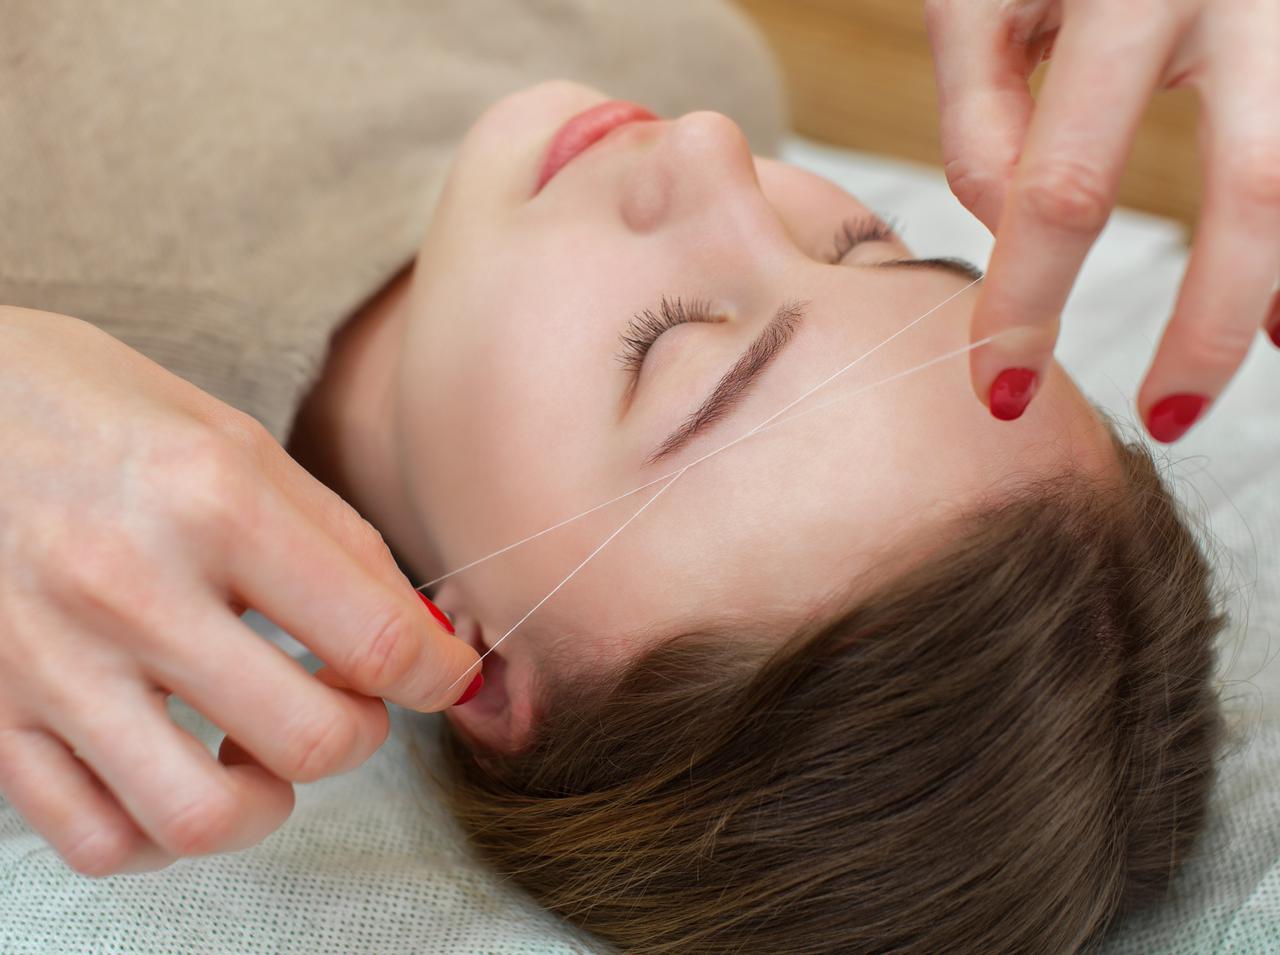 画像: 眉毛のプロが教える糸脱毛「スレッディング」のメリット